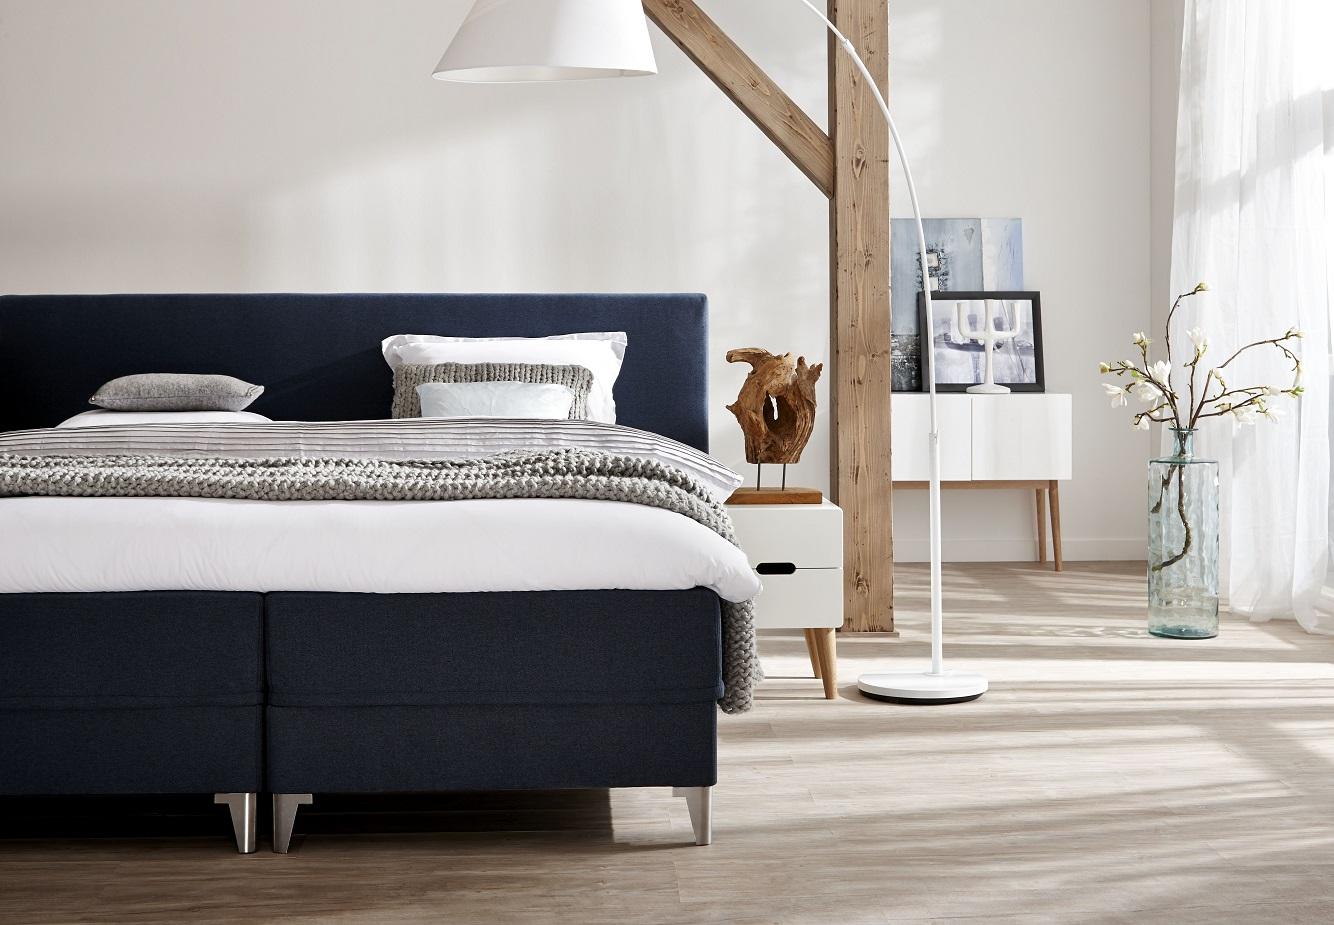 Maak van jouw slaapkamer een ruime, sfeervolle ruimte -